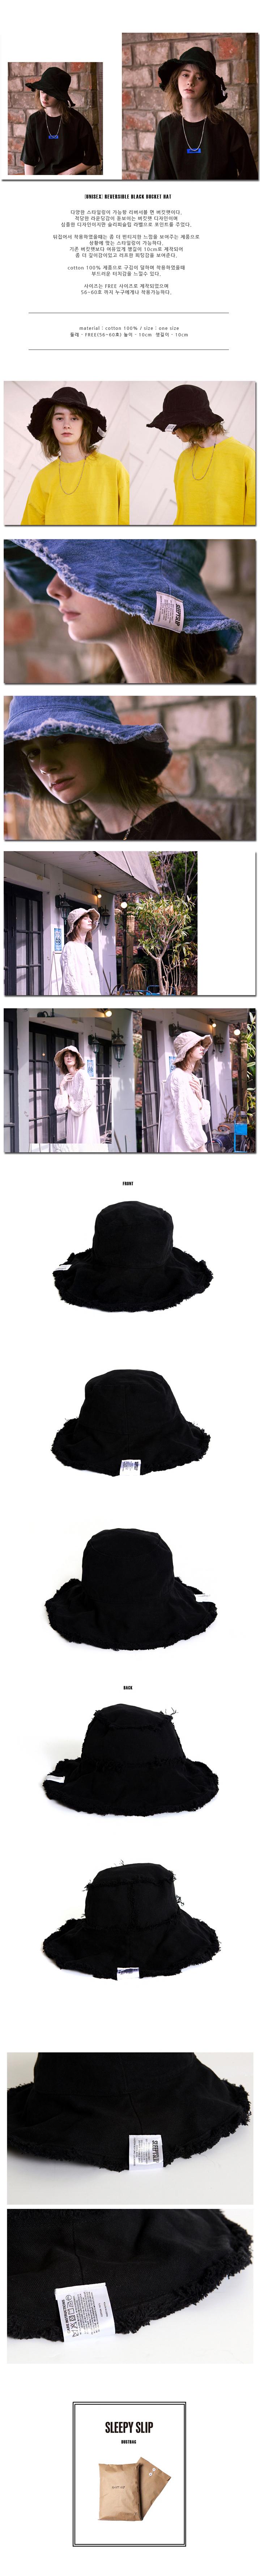 reversible-black-bucket-hat.jpg